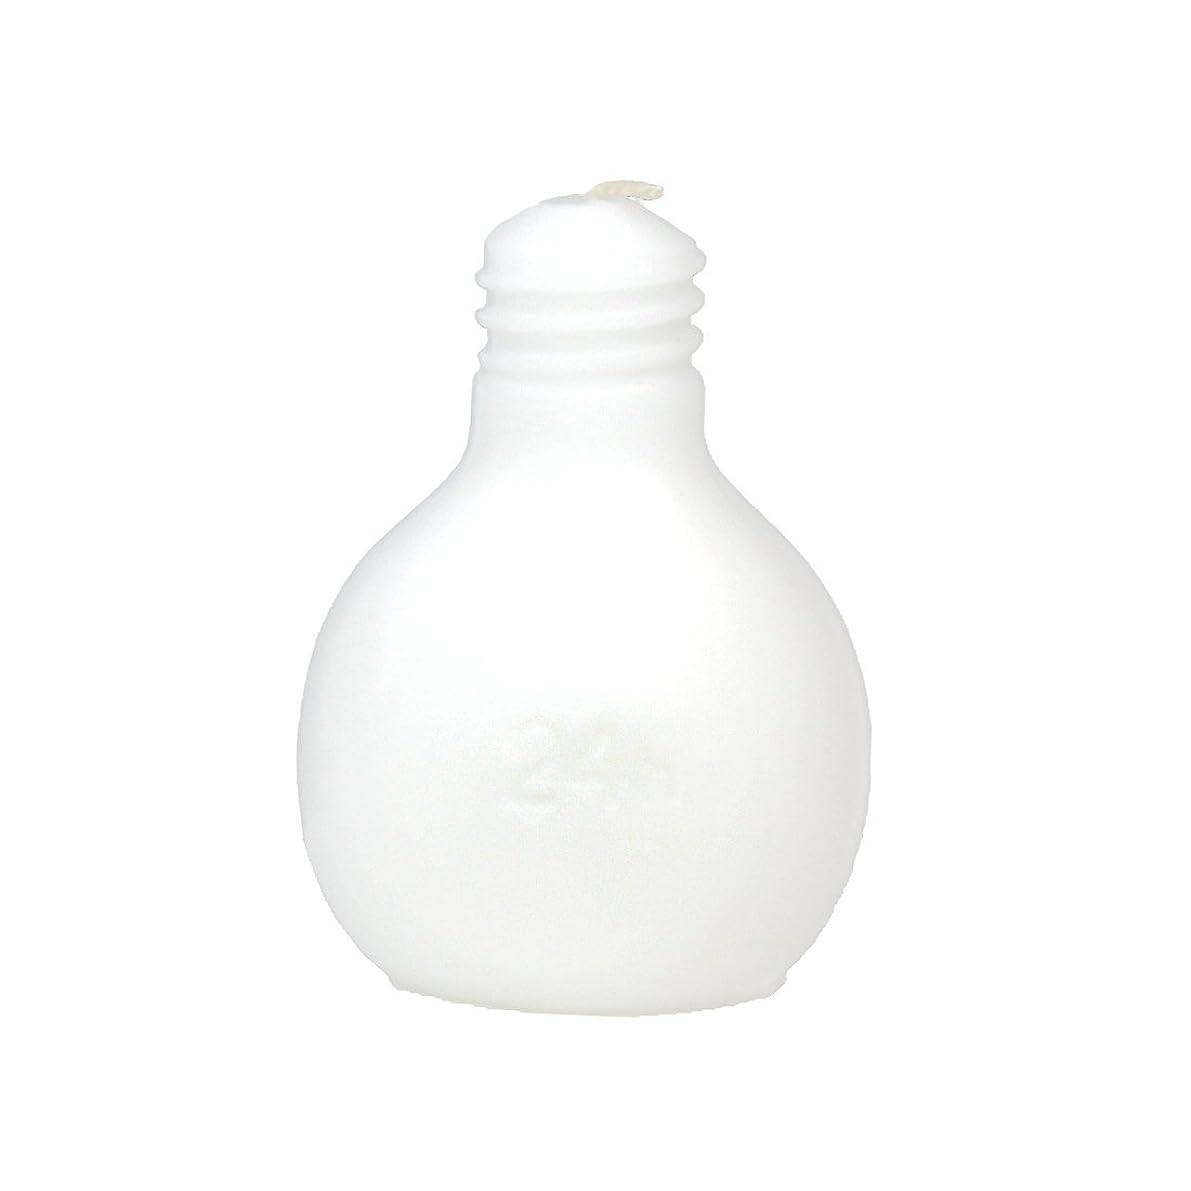 意志布何かカメヤマキャンドルハウス 節電球キャンドル  ホワイト